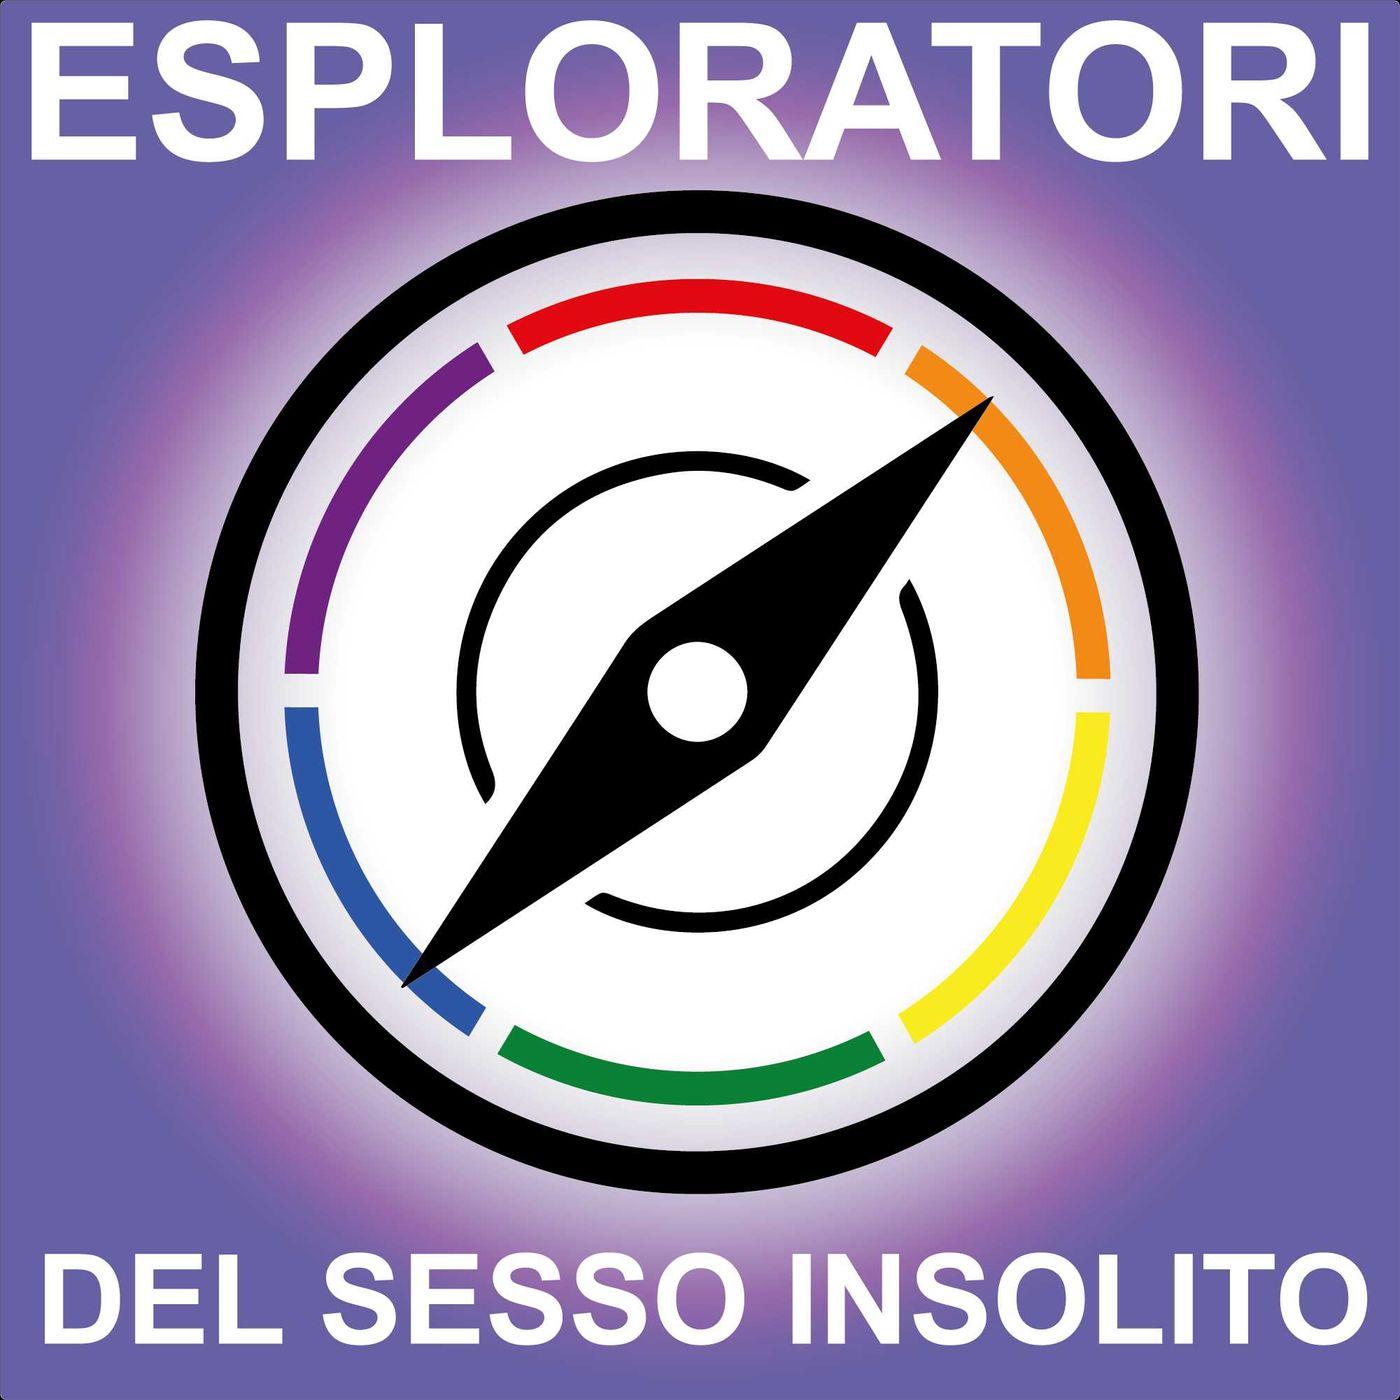 77ef17638a1730bf2bdb29c3bc619a91 5 migliori Podcast italiani di Sesso